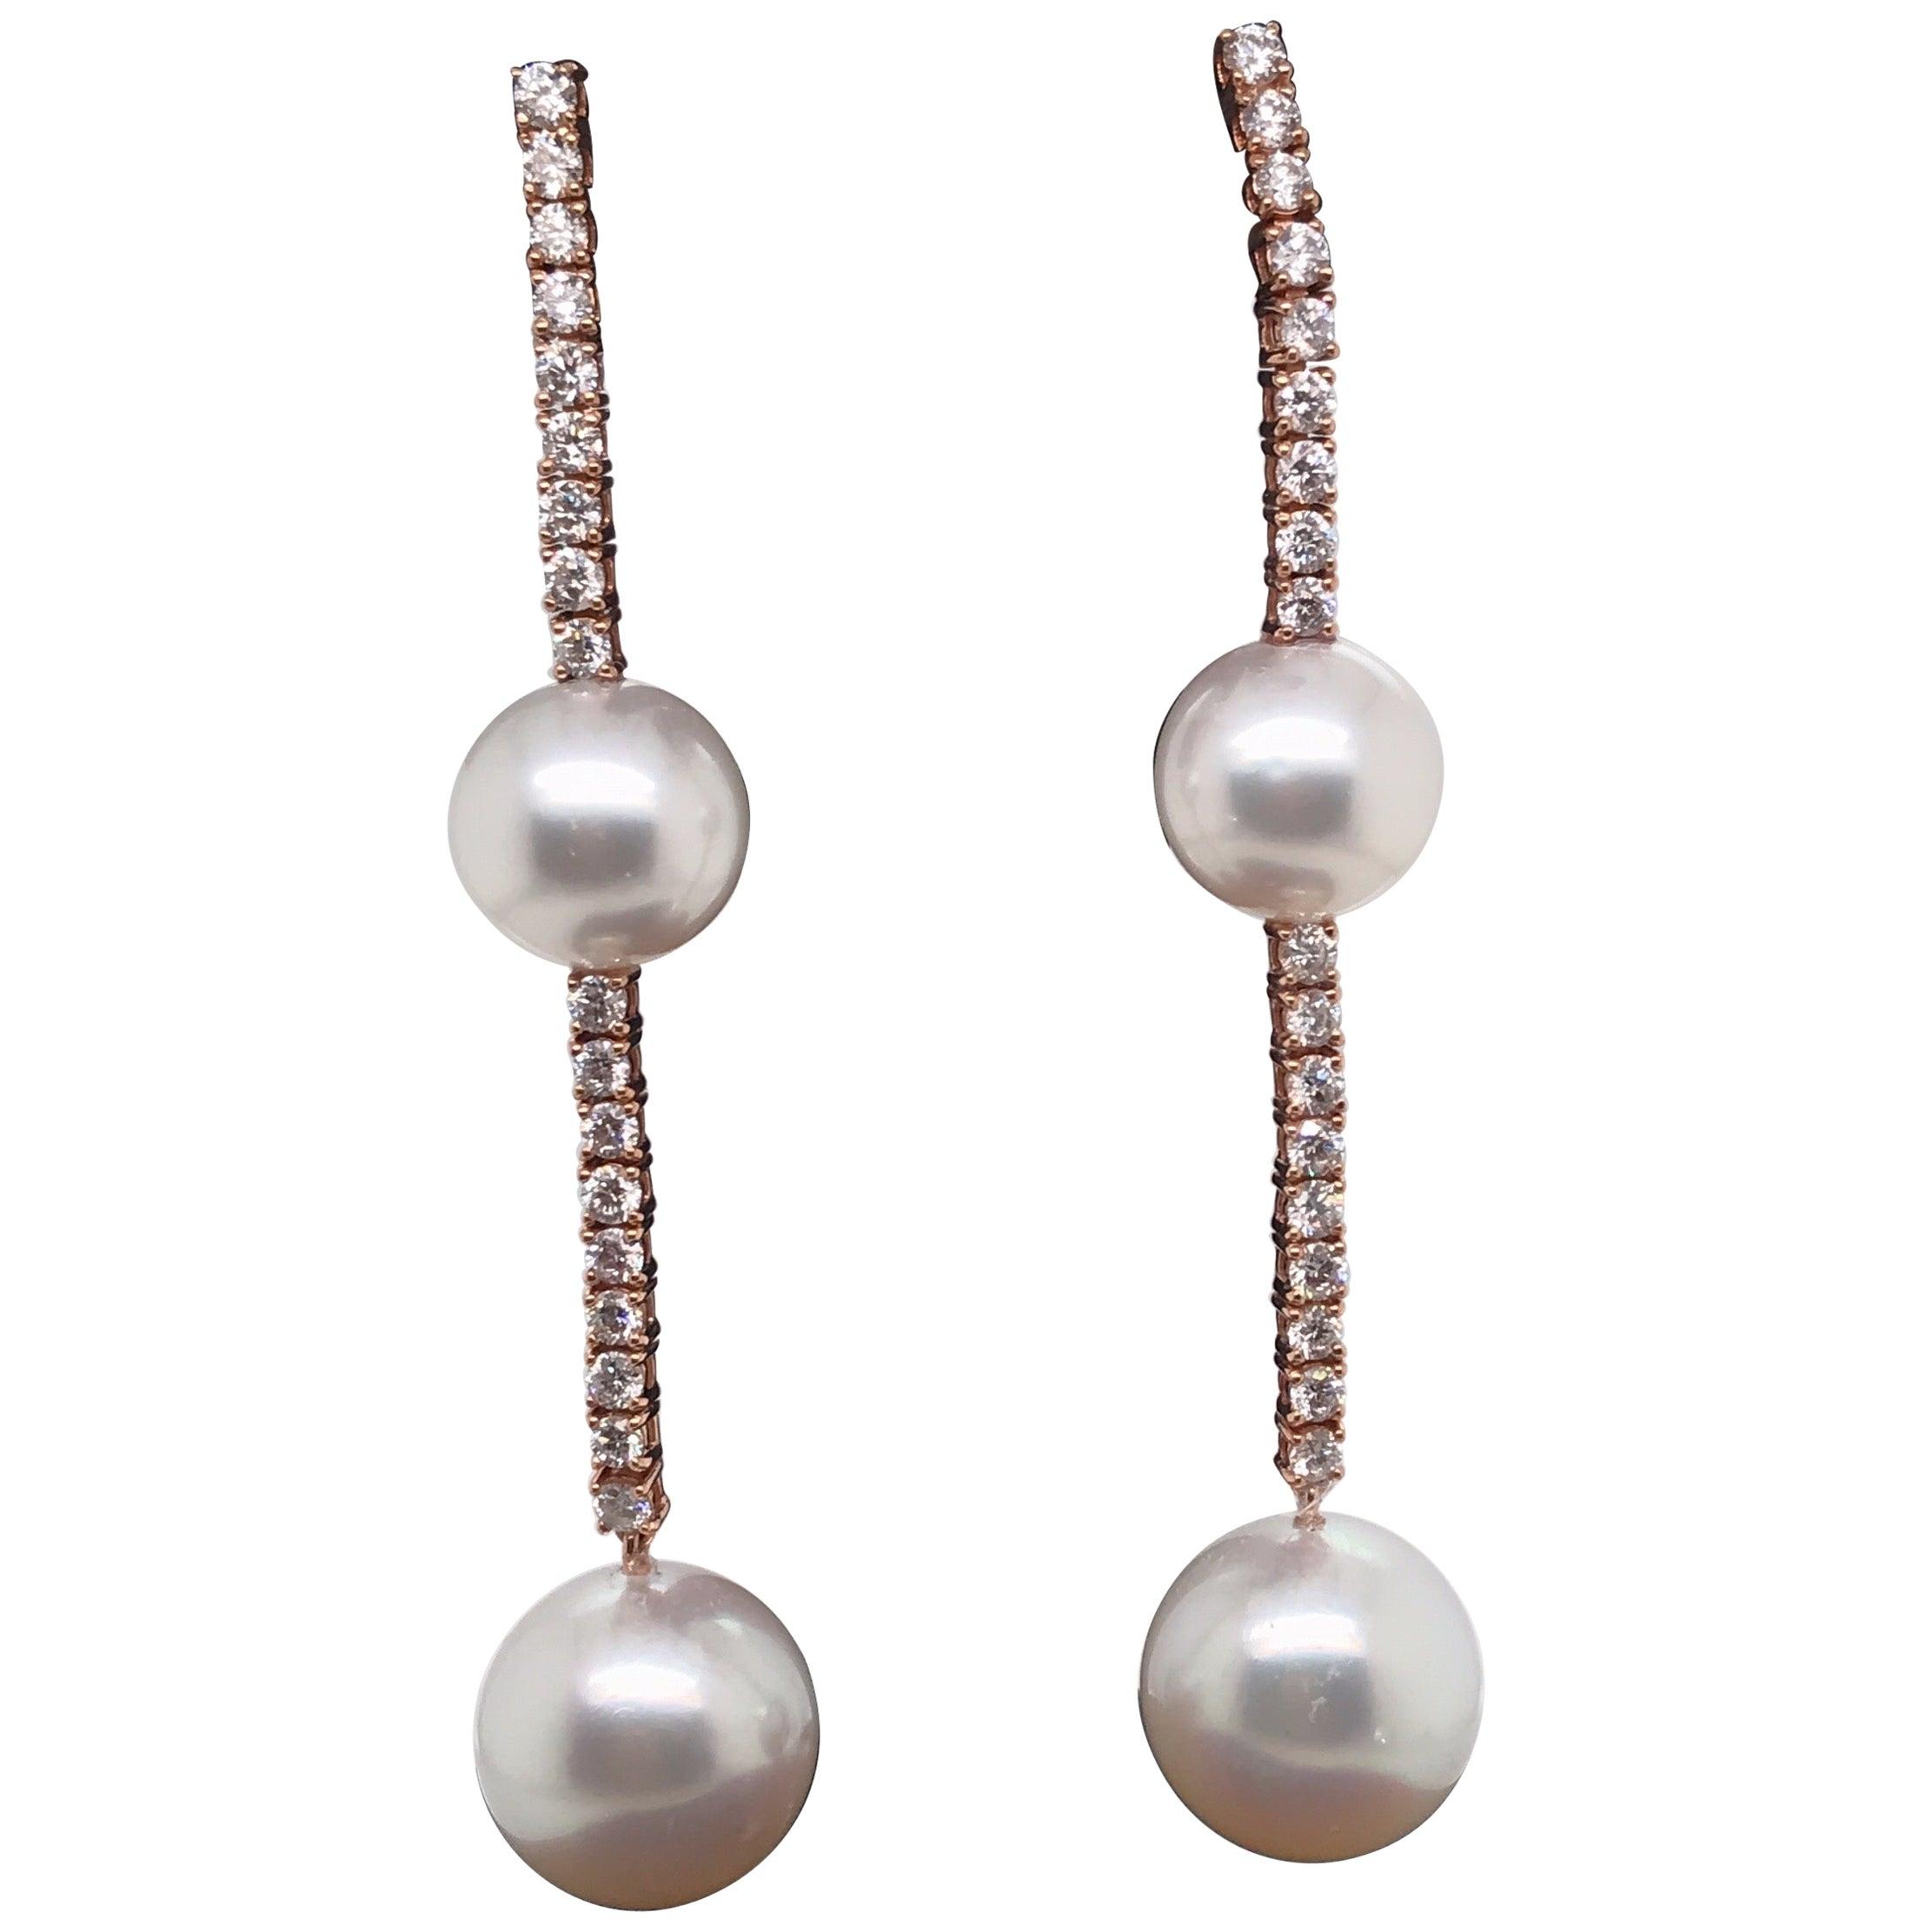 South Sea Pearl Diamond Drop Earrings 1.81 Carat 18 Karat Rose Gold